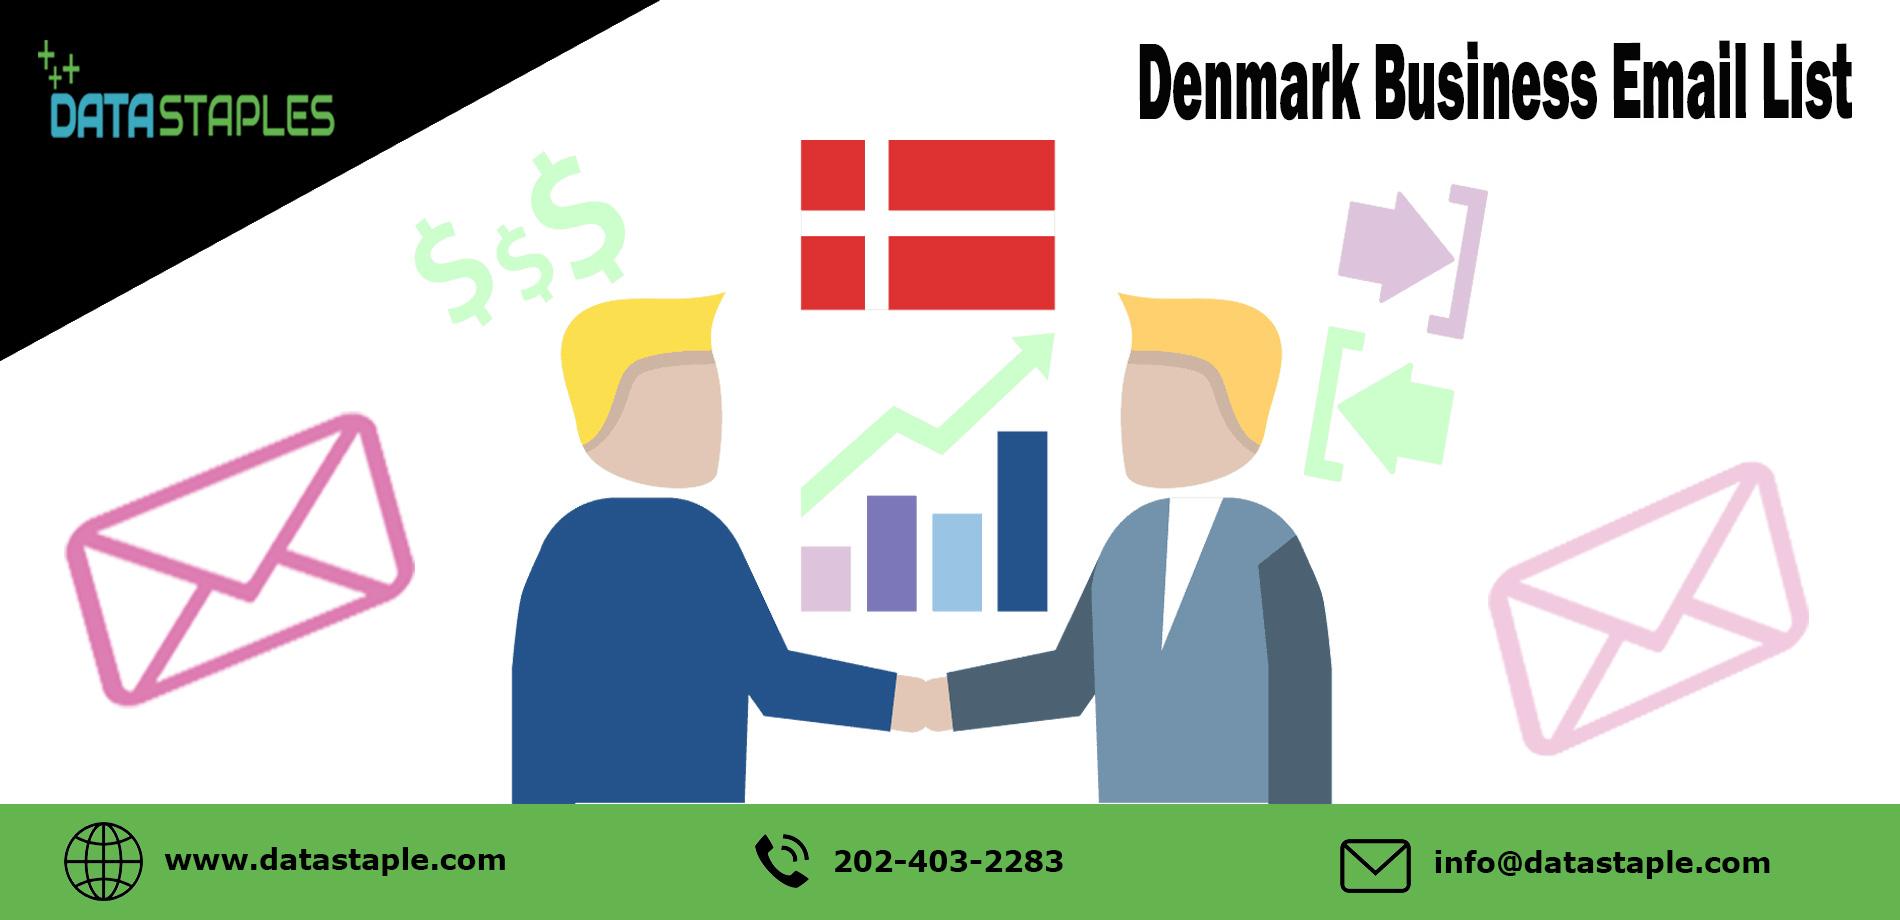 Denmark Business Email List | DataStaples